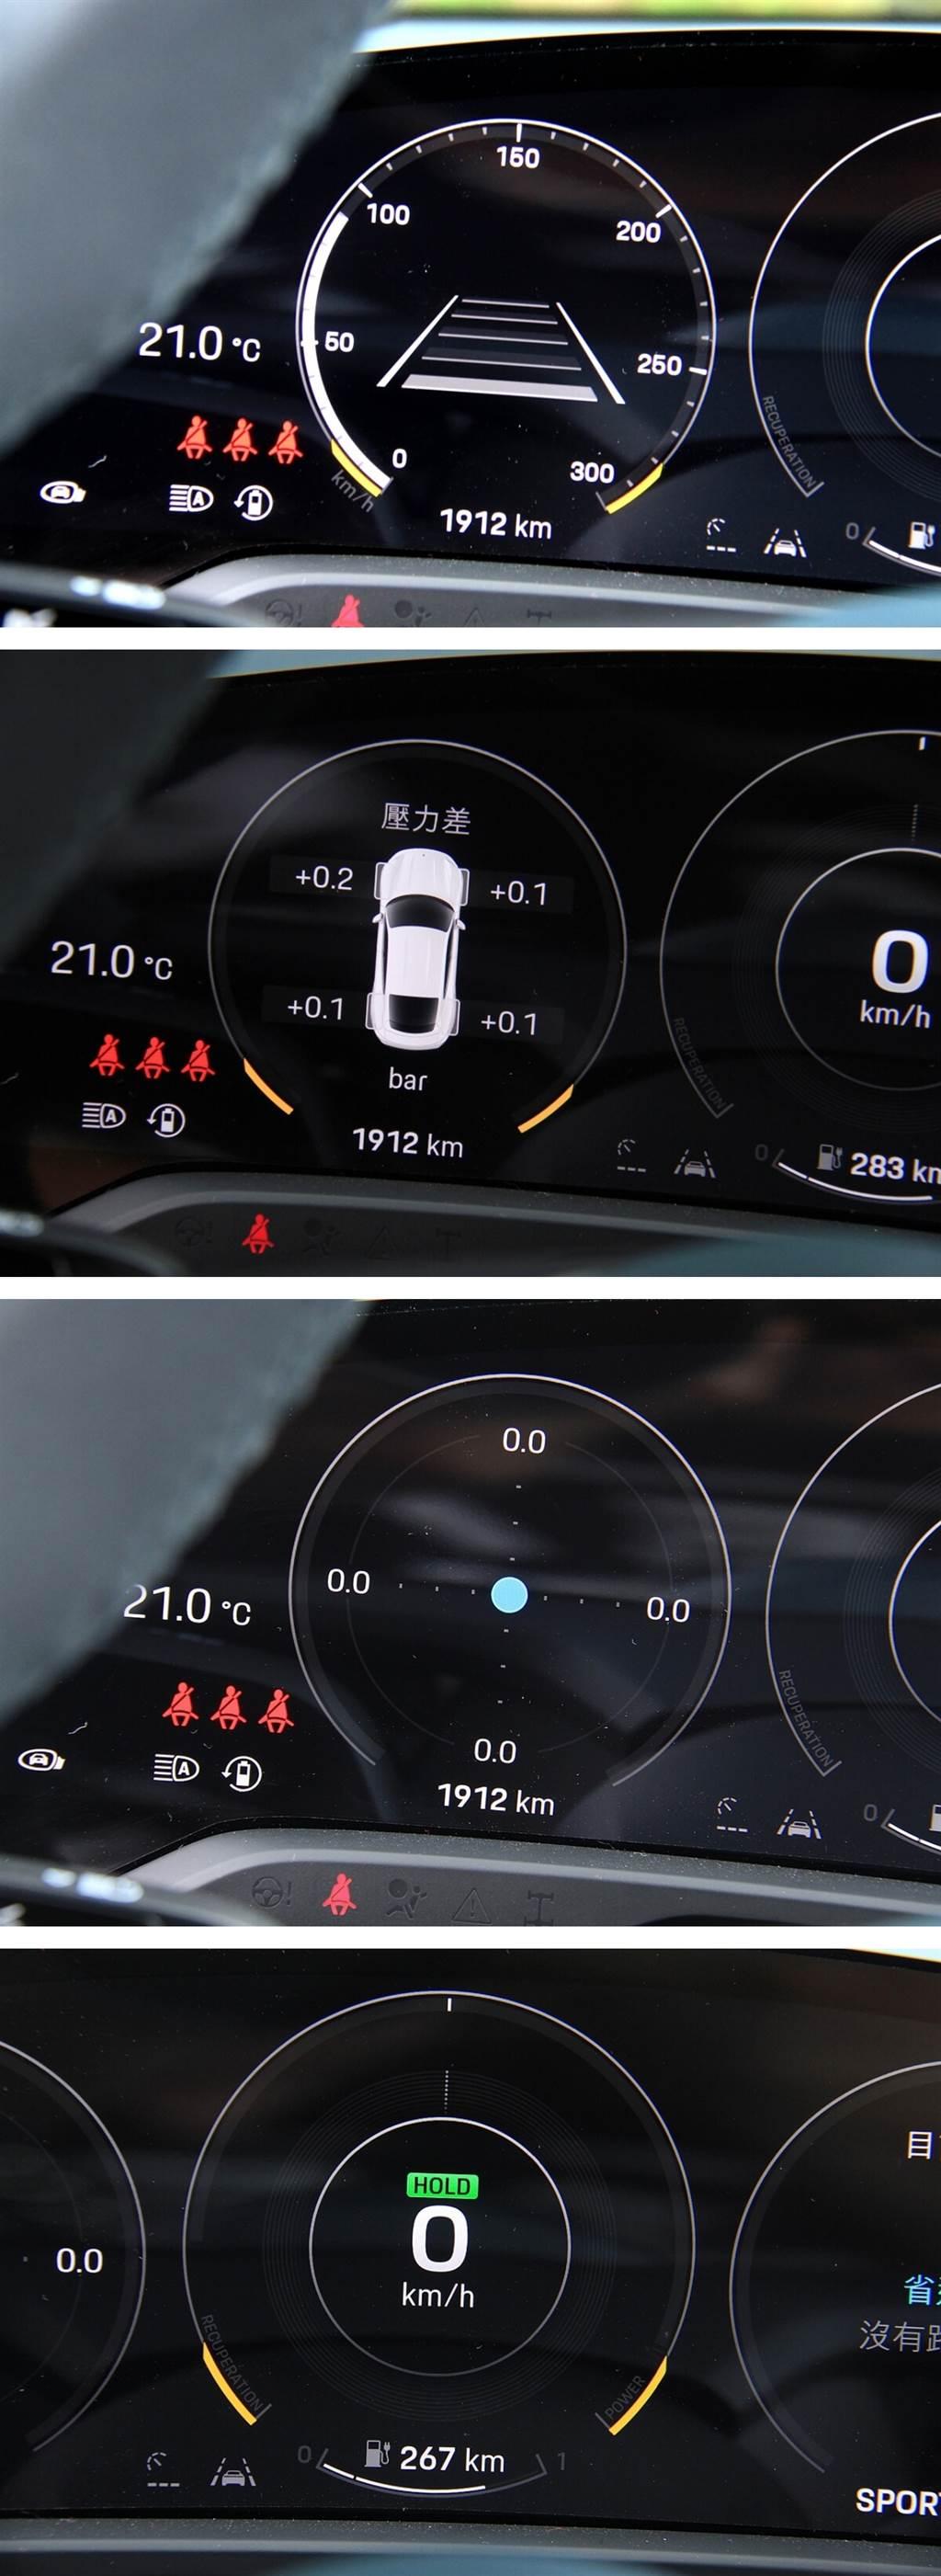 僅需將煞車踏板多踩一下,即可開啟Auto Hold電子駐車功能。